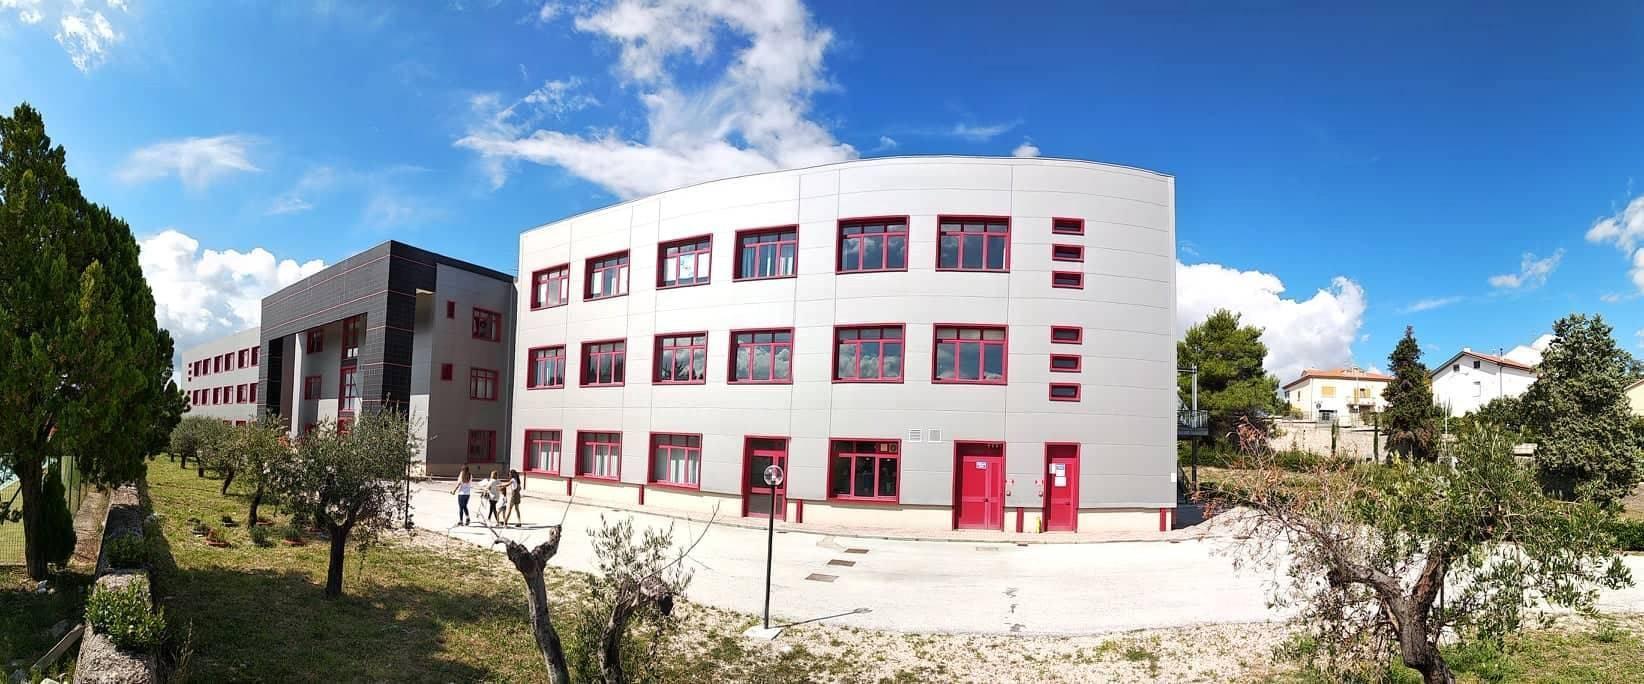 casacalenda-scuole-antisismiche-136250